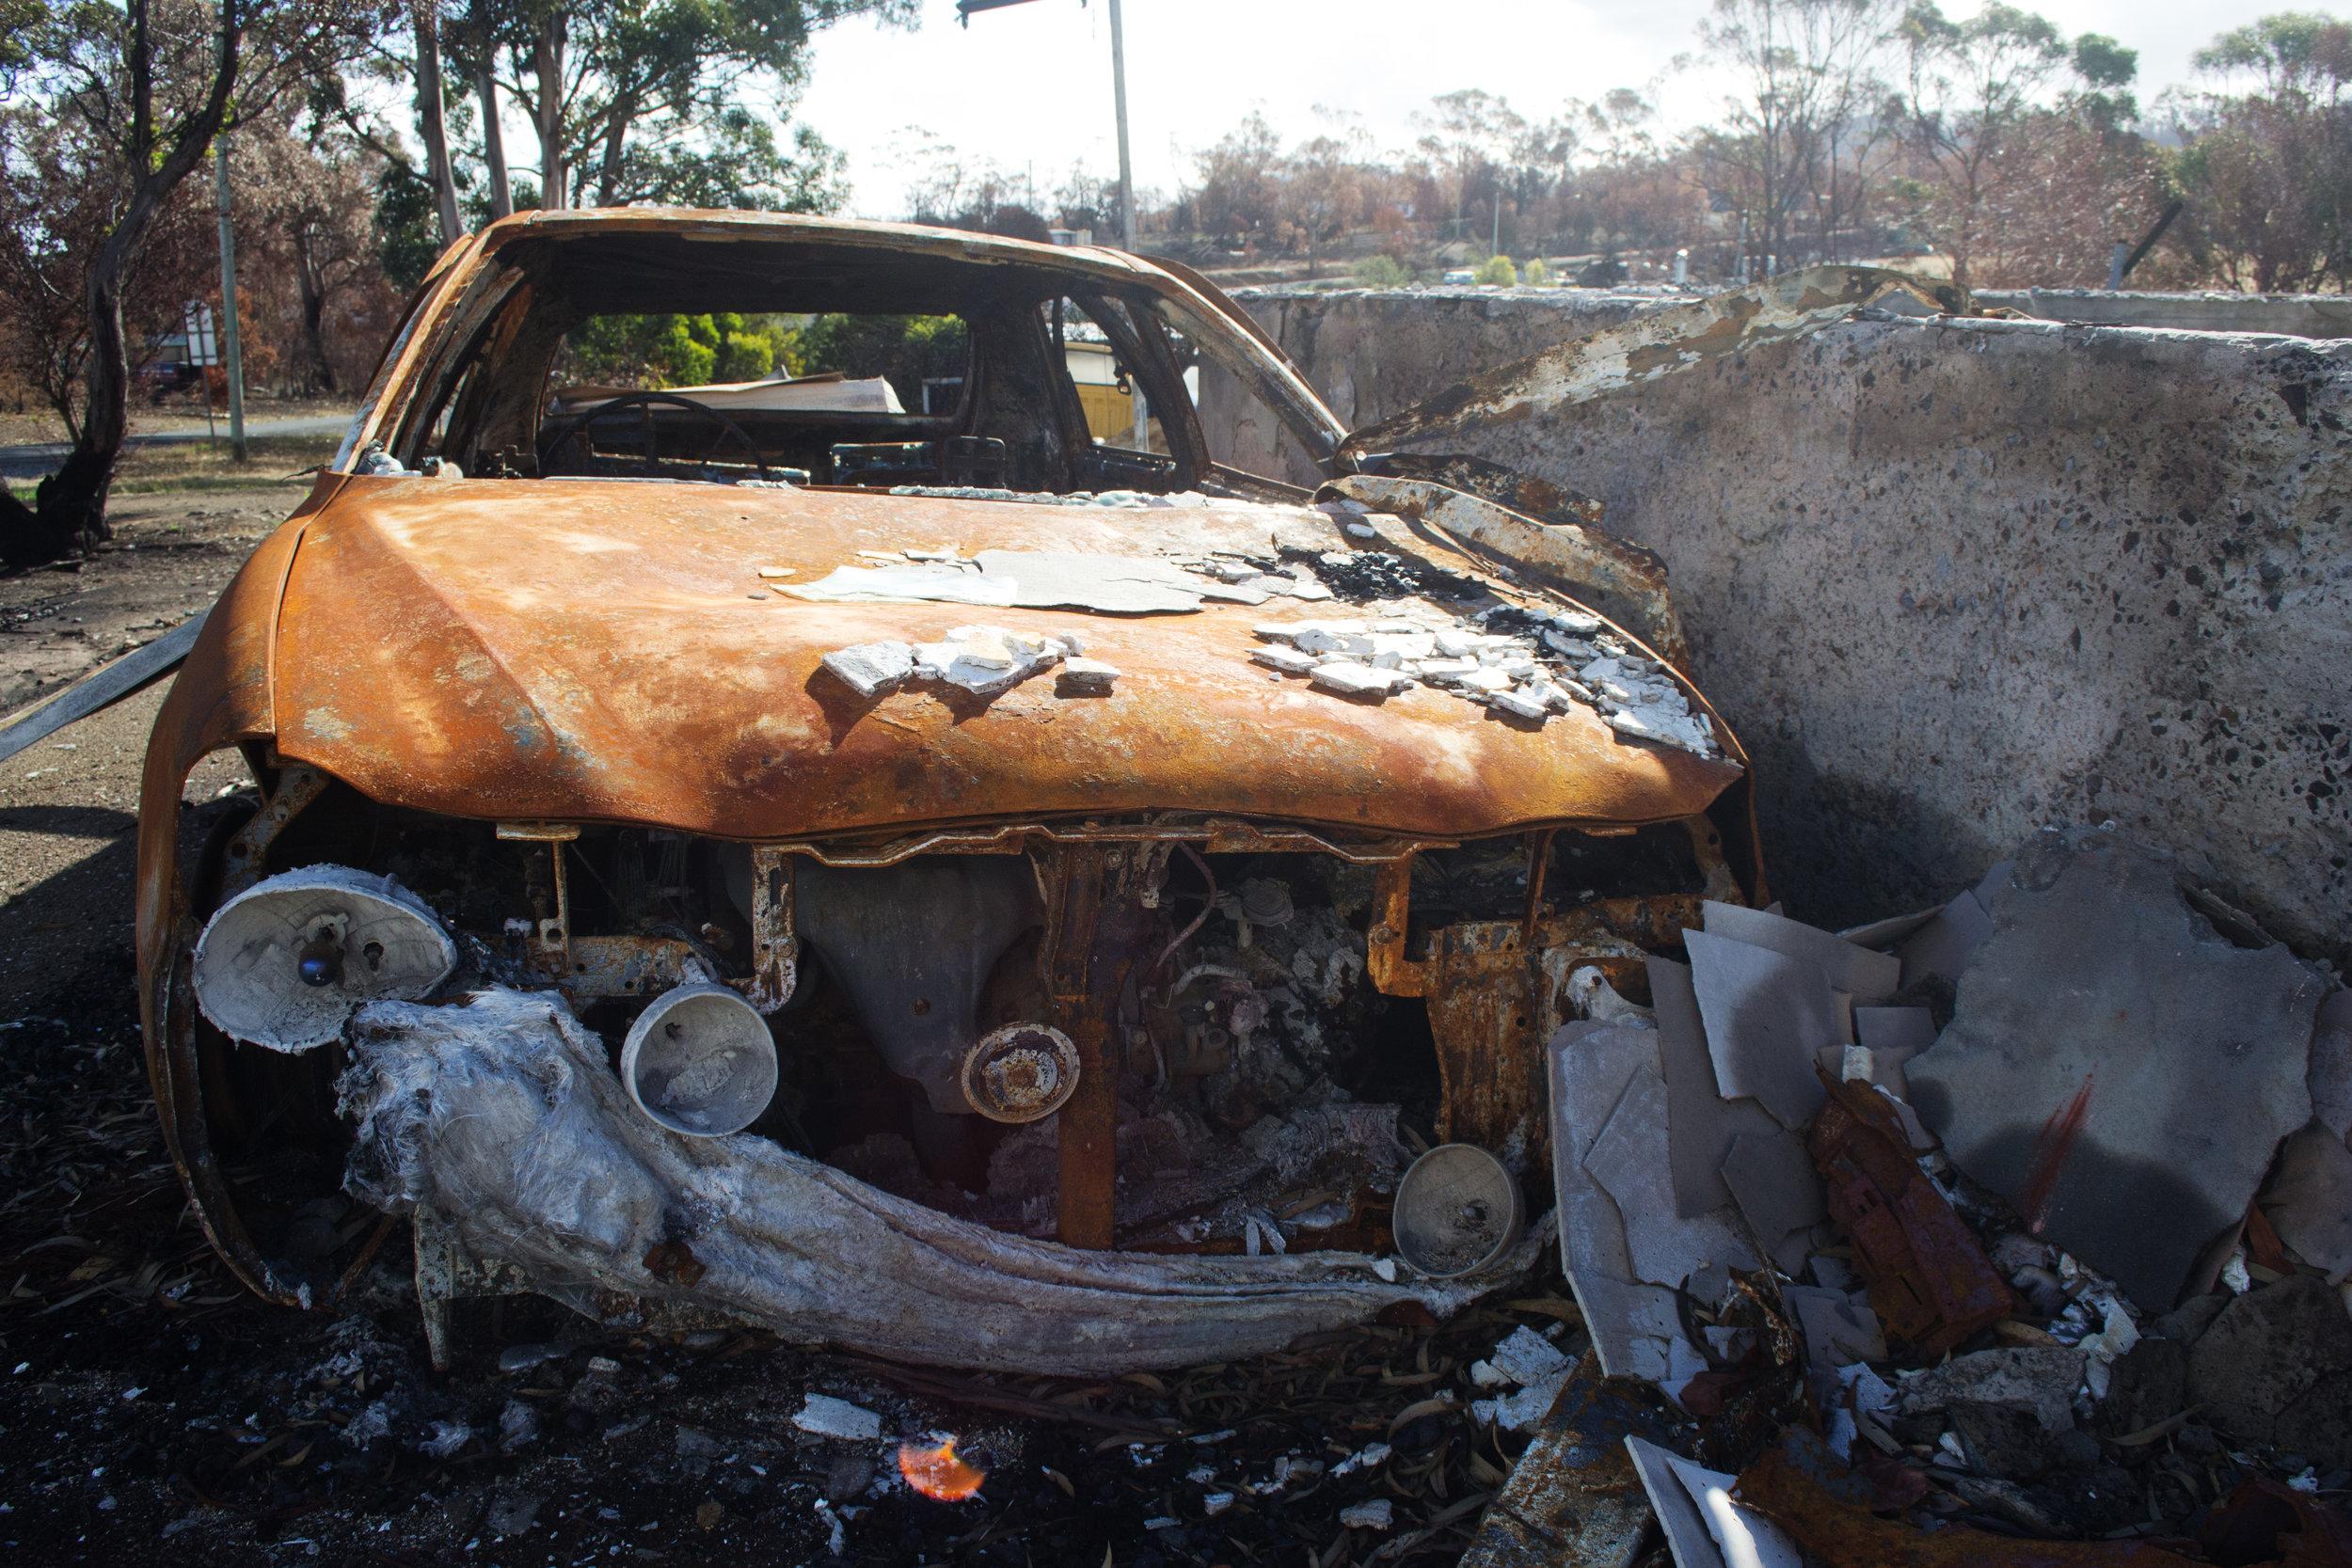 2013-02-28 - Tasmania - Dunalley after the fires - D3100  - DSC_0302.jpg